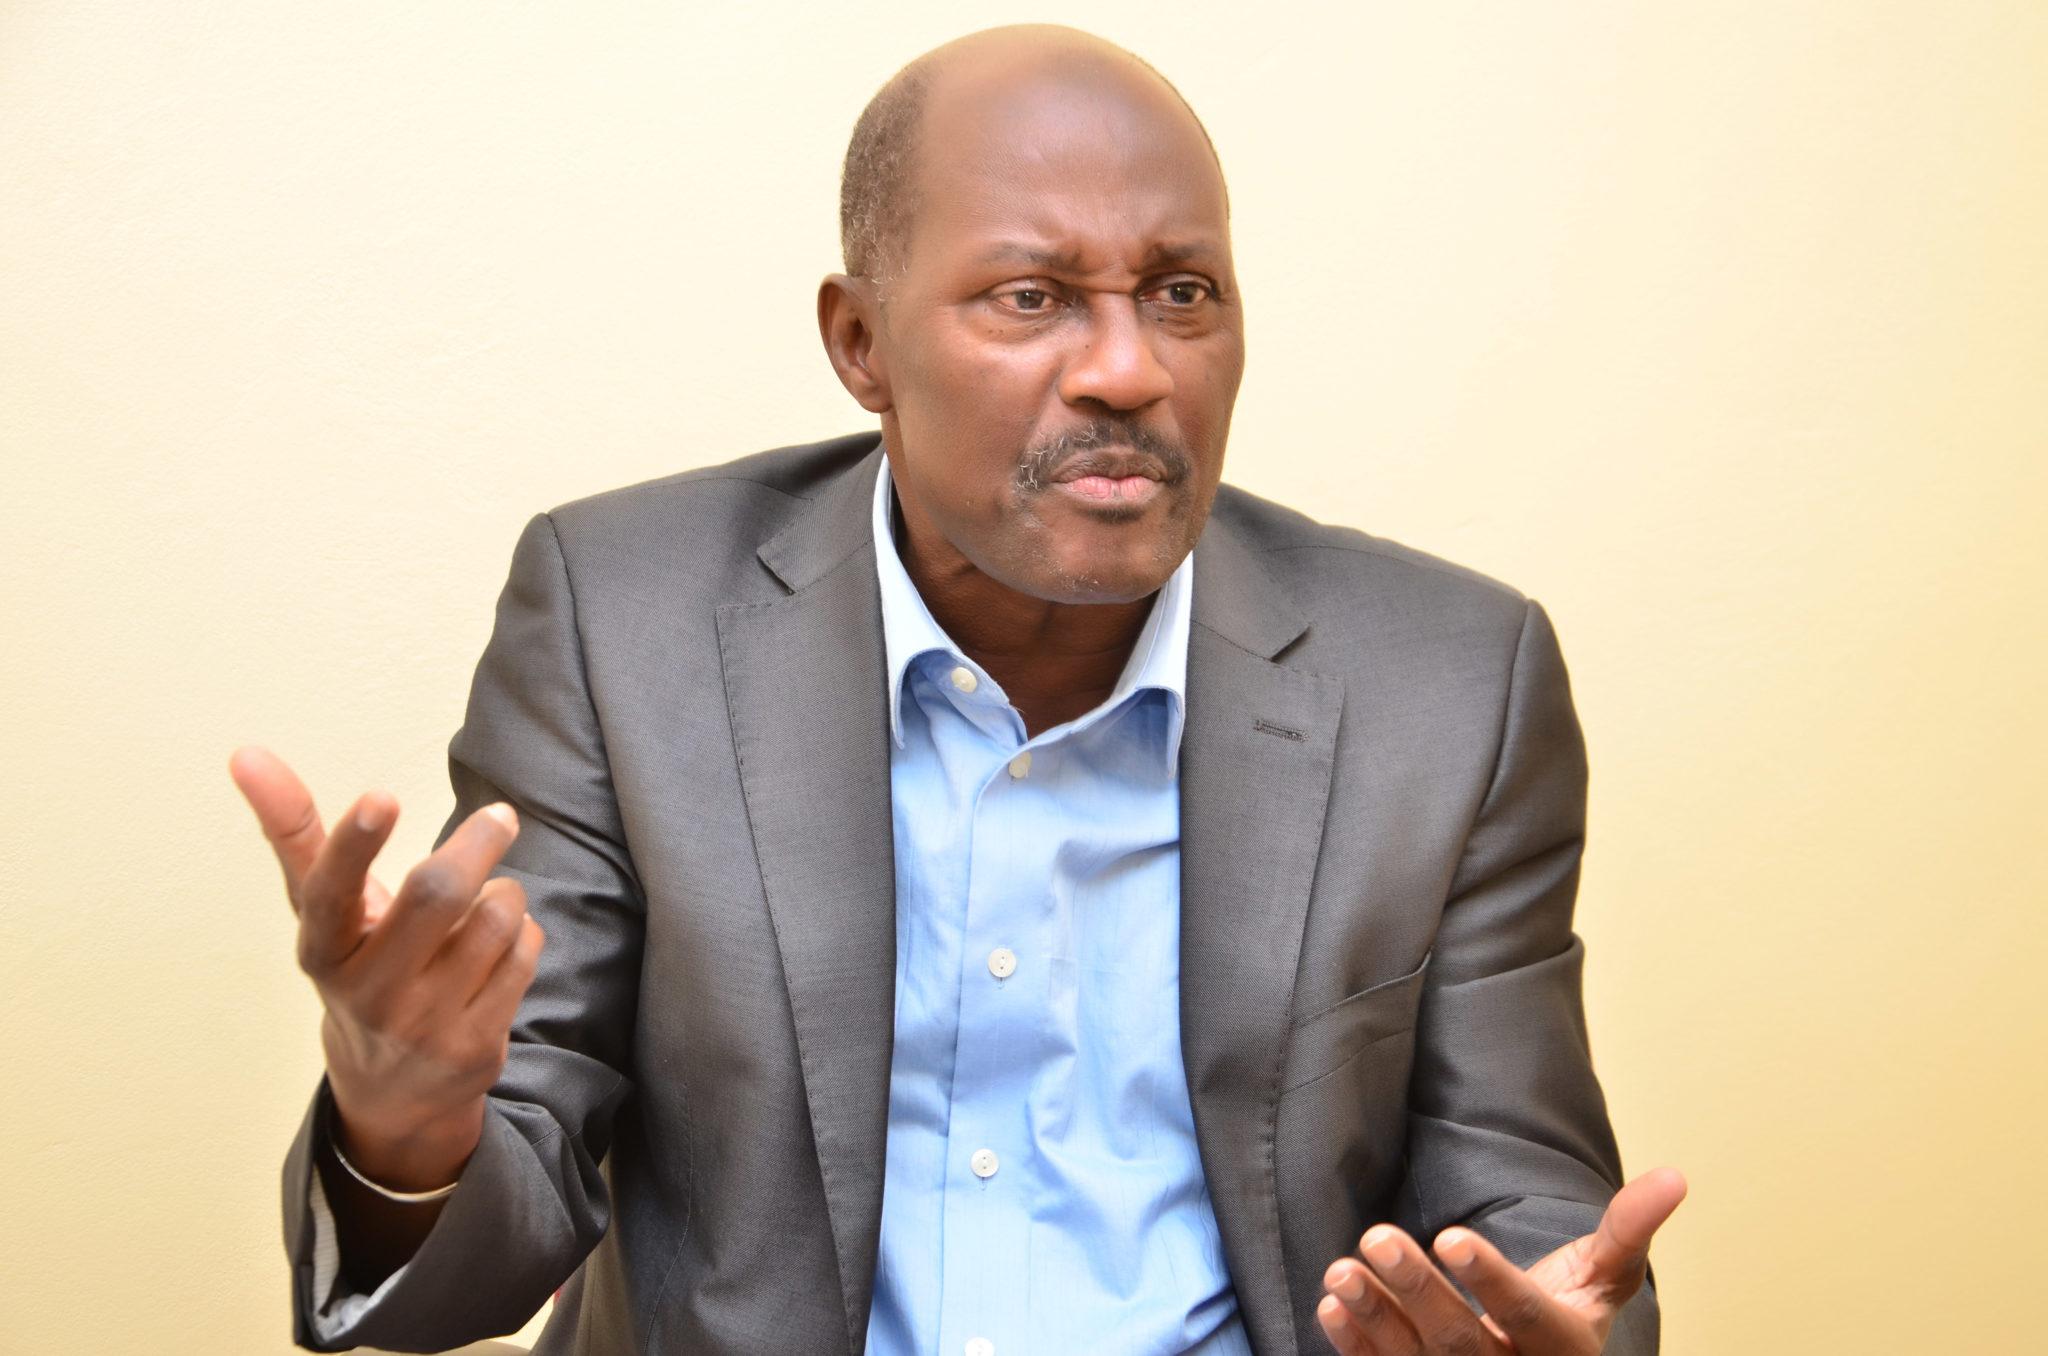 Commissaire Sadio à Macky Sall : «Vous n'auriez jamais dû être notre Président»